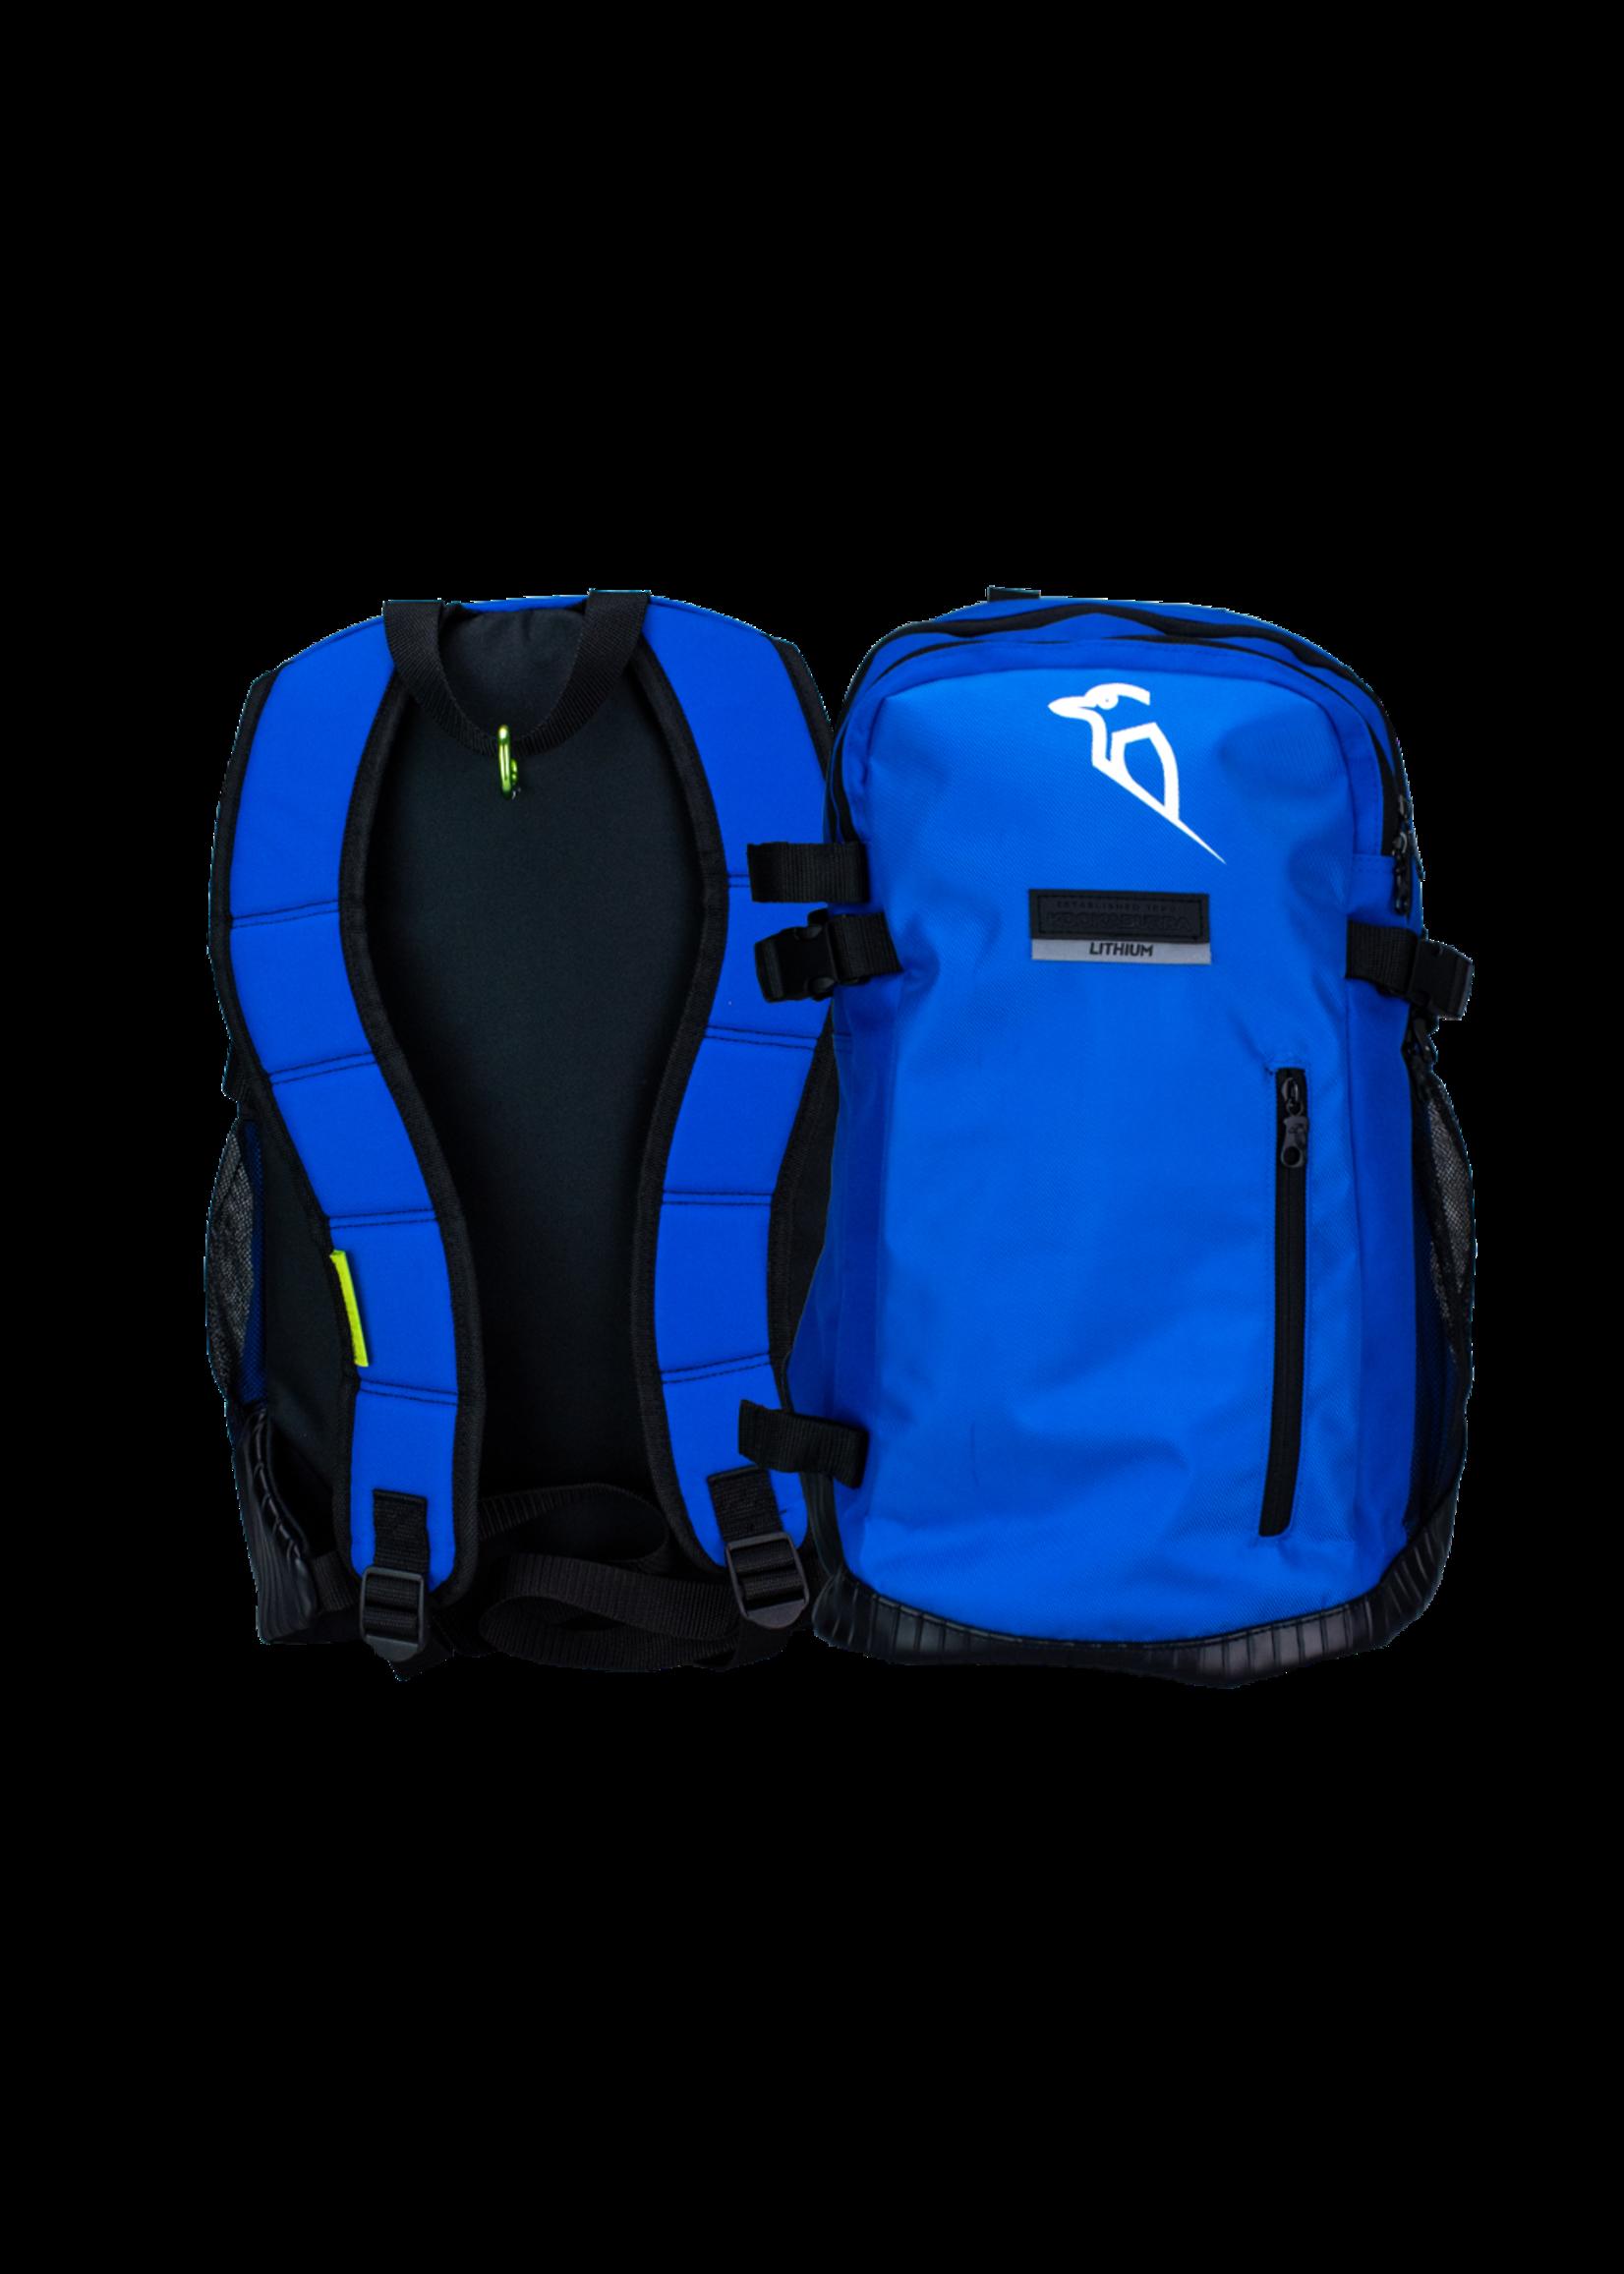 Kookaburra Kookaburra Lithium Hockey Backpack (2020)